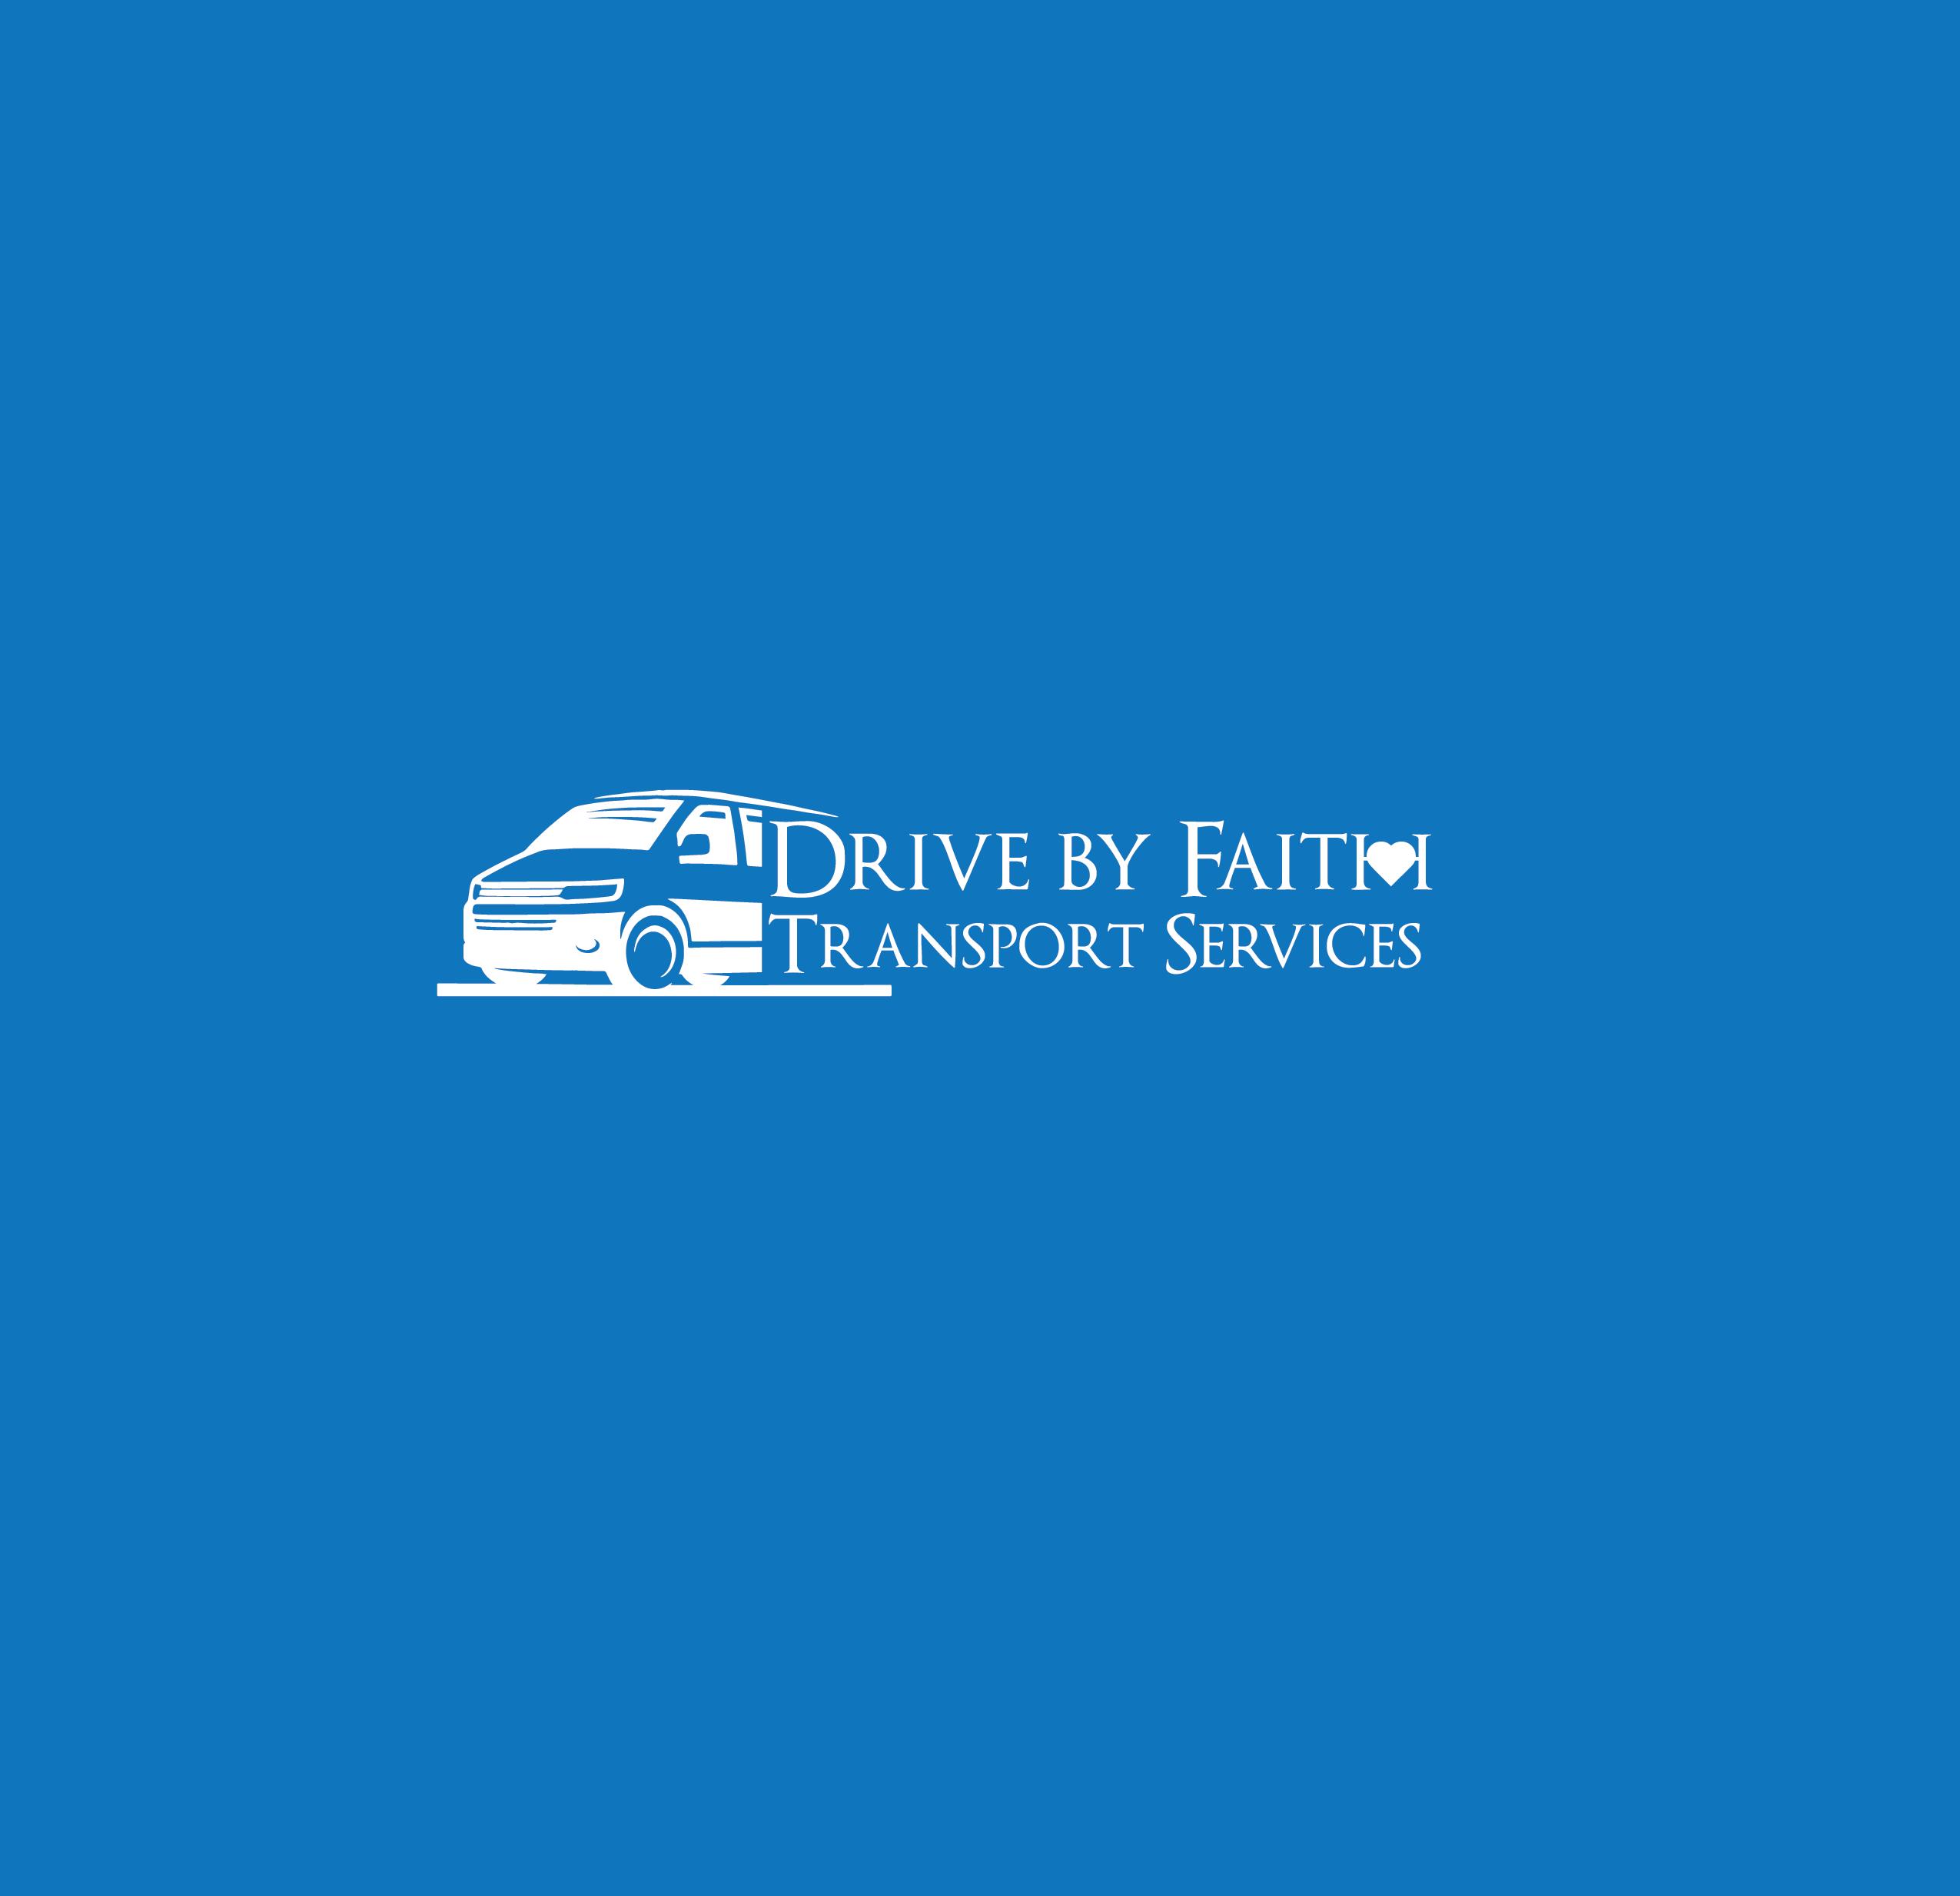 I will do professional business logo design for you